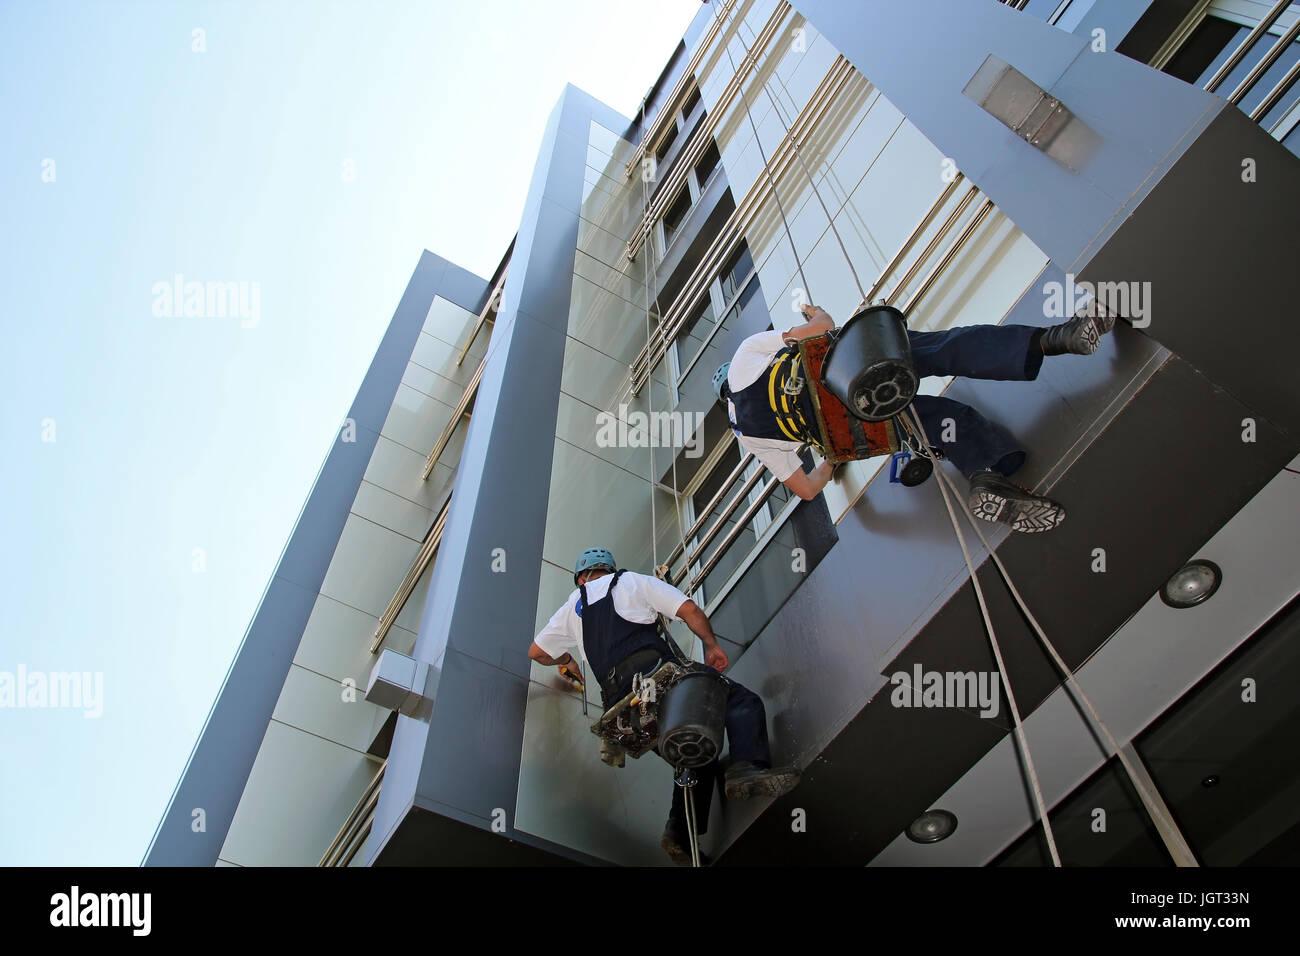 Les travailleurs du nettoyage des vitres façade d'un immeuble de bureaux modernes. Photo Stock